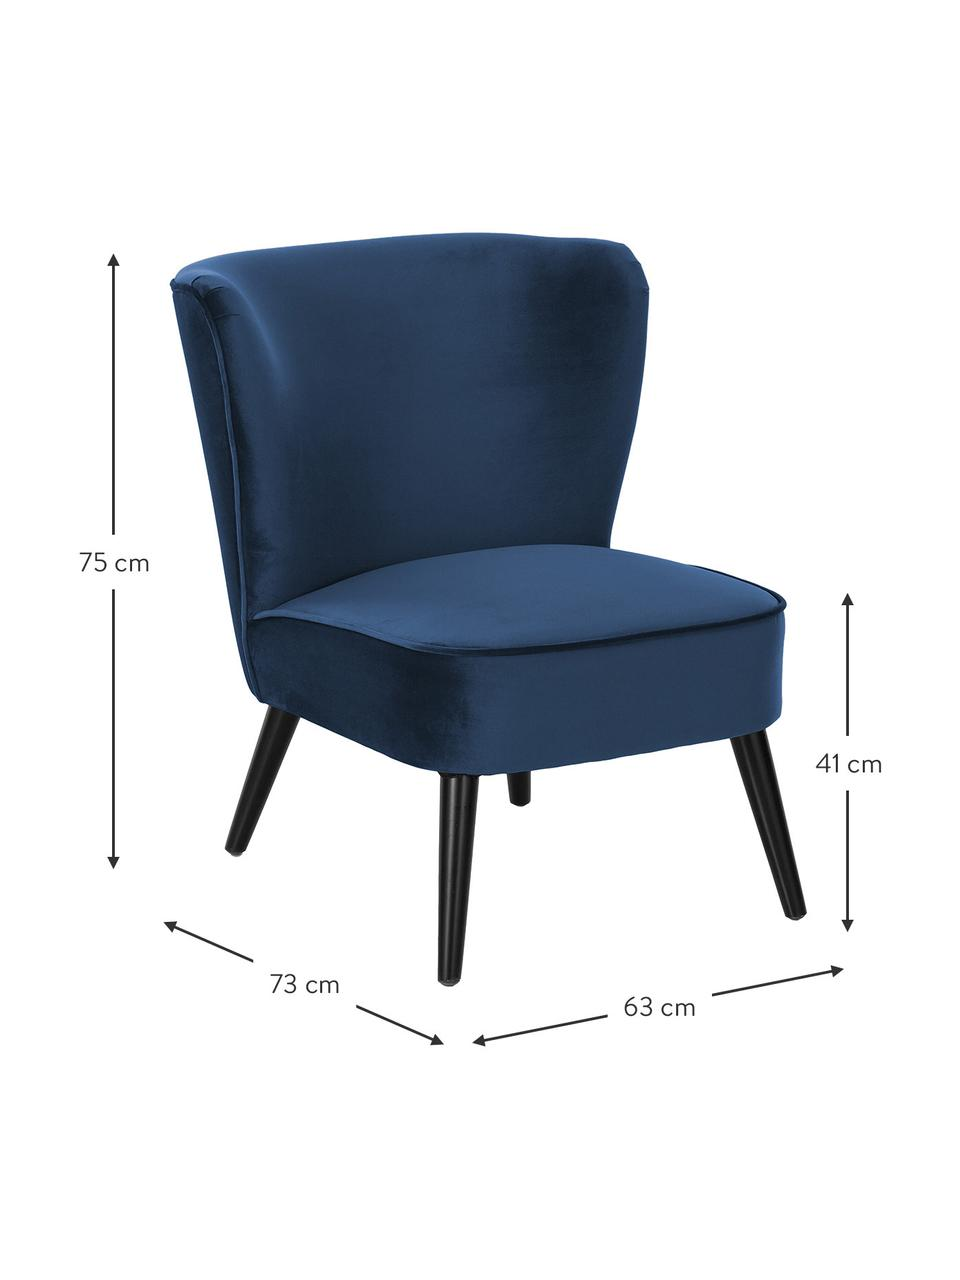 Poltrona in velluto blu Robine, Rivestimento: velluto (poliestere) 30.0, Piedini: legno di pino, verniciato, Velluto blu scuro, Larg. 63 x Prof. 73 cm